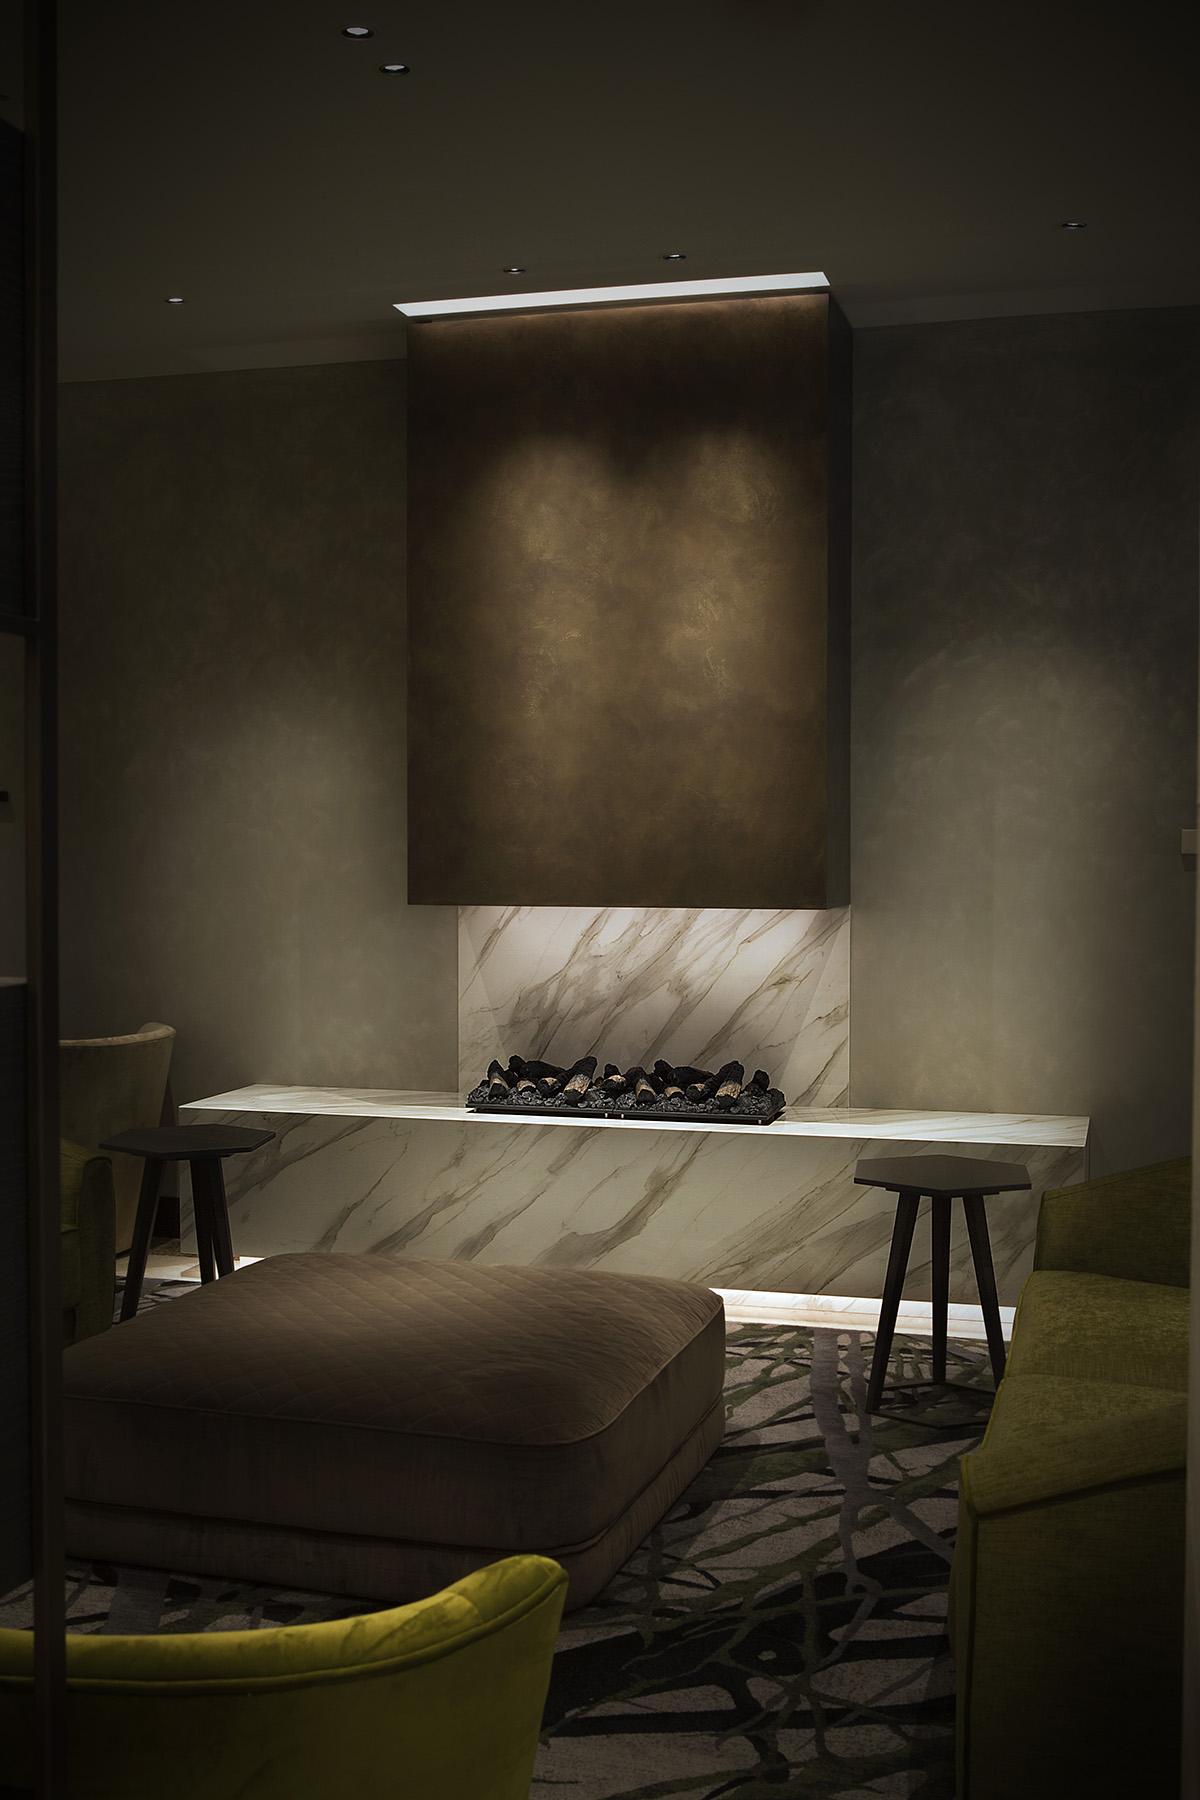 Neolith, binnenkijken bij Hilton Hotel Milaan, Natuursteen, Carrara marmer